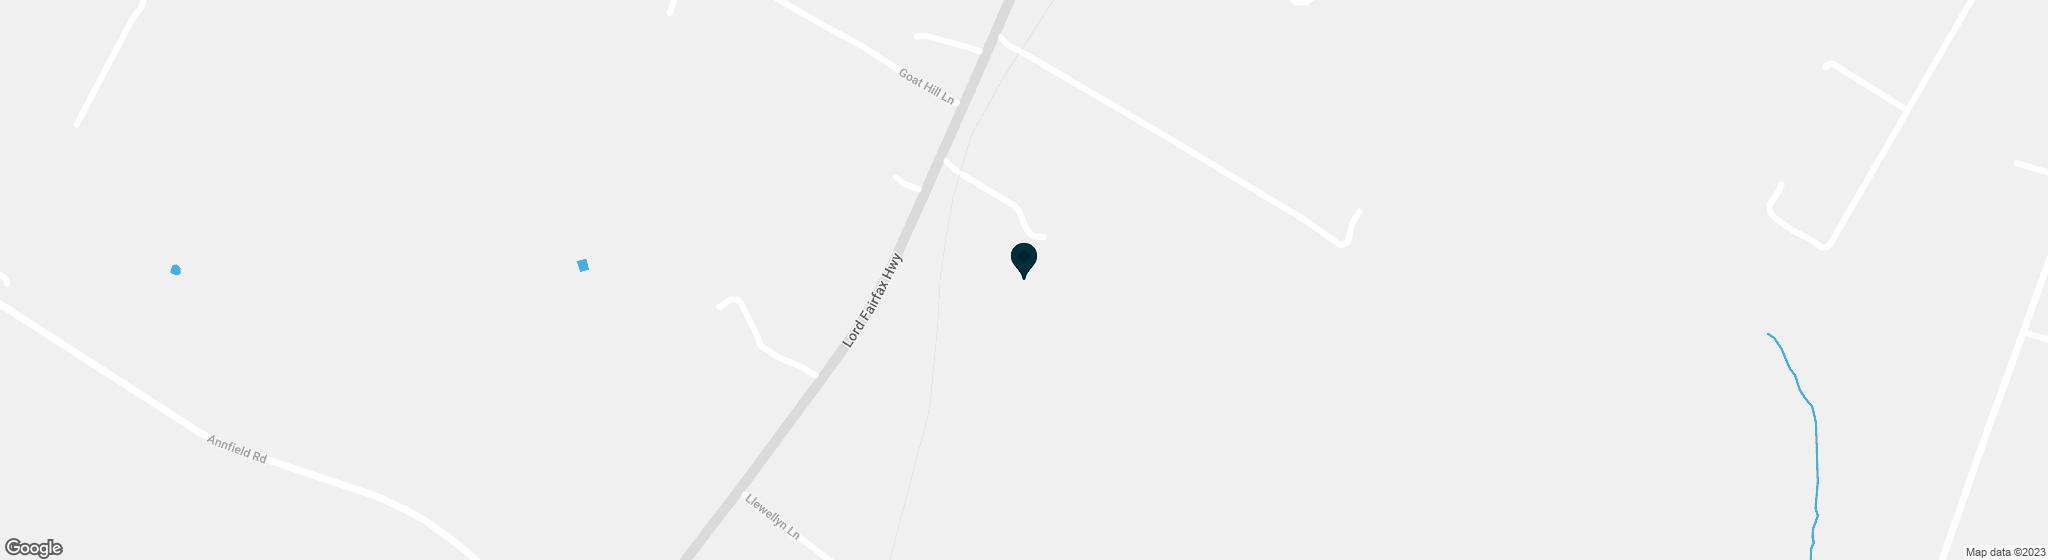 6827 LORD FAIRFAX HWY Berryville VA 22611